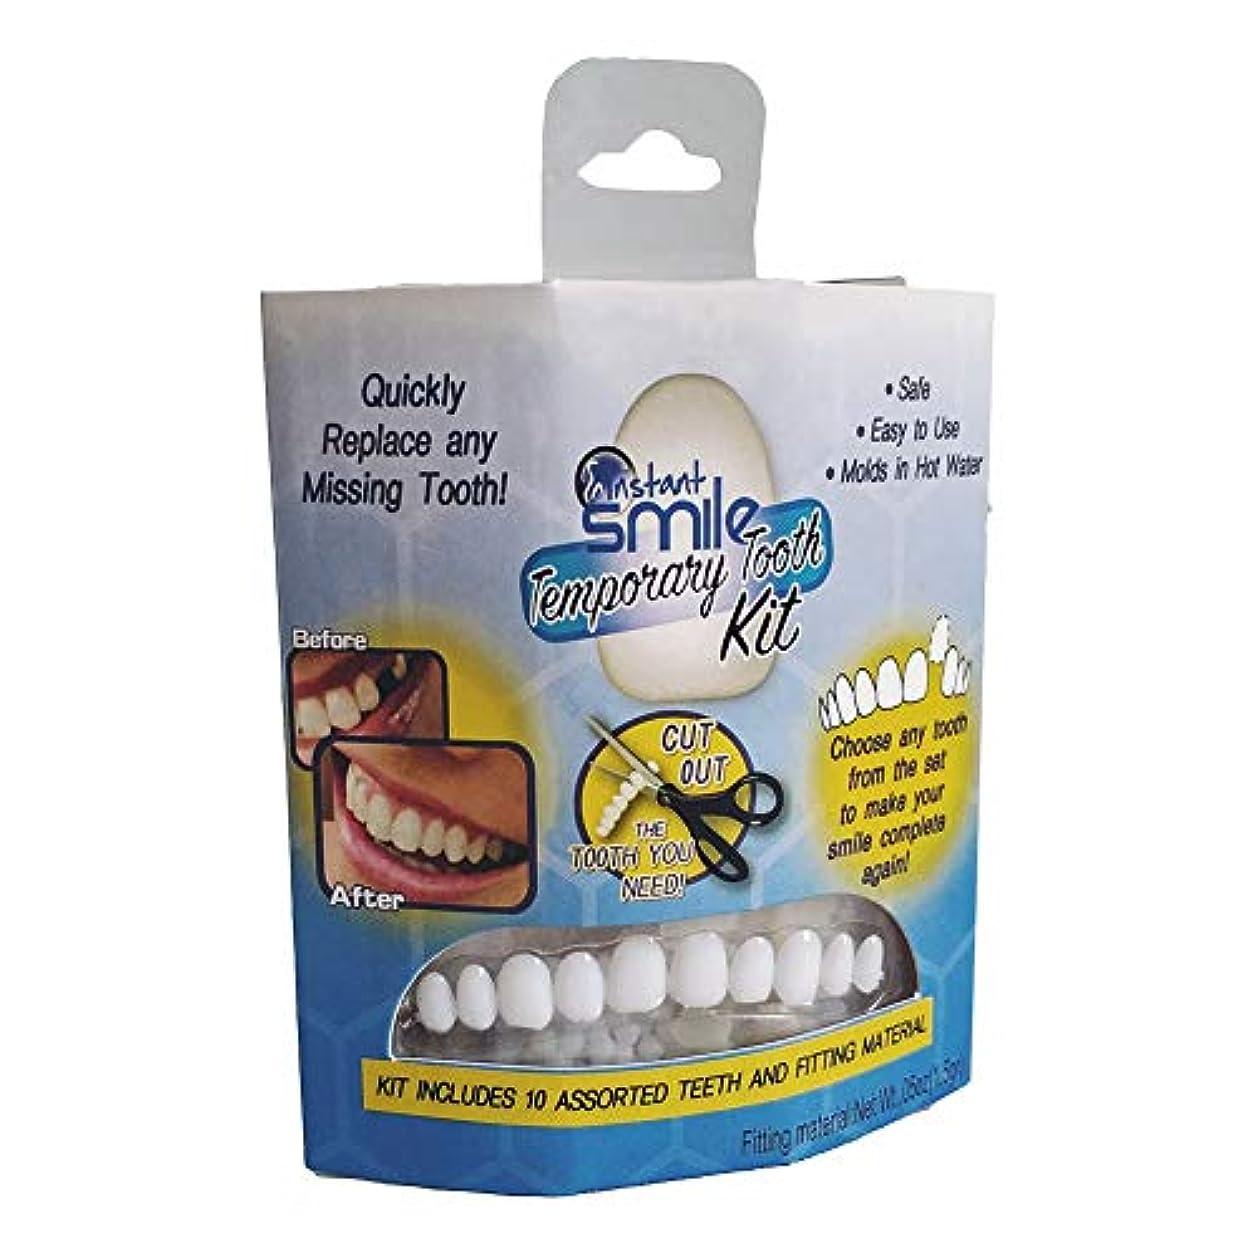 政権促すアセLITI 歯のソケット 美容義歯 入れ歯 歯のカバー テンポラリートゥースキット シリコーンのシミュレーションの歯科用義歯を白くする上下の歯の模擬装具 歯ホワイトニング 義歯貼り付け偽歯アッパー化粧品突き板